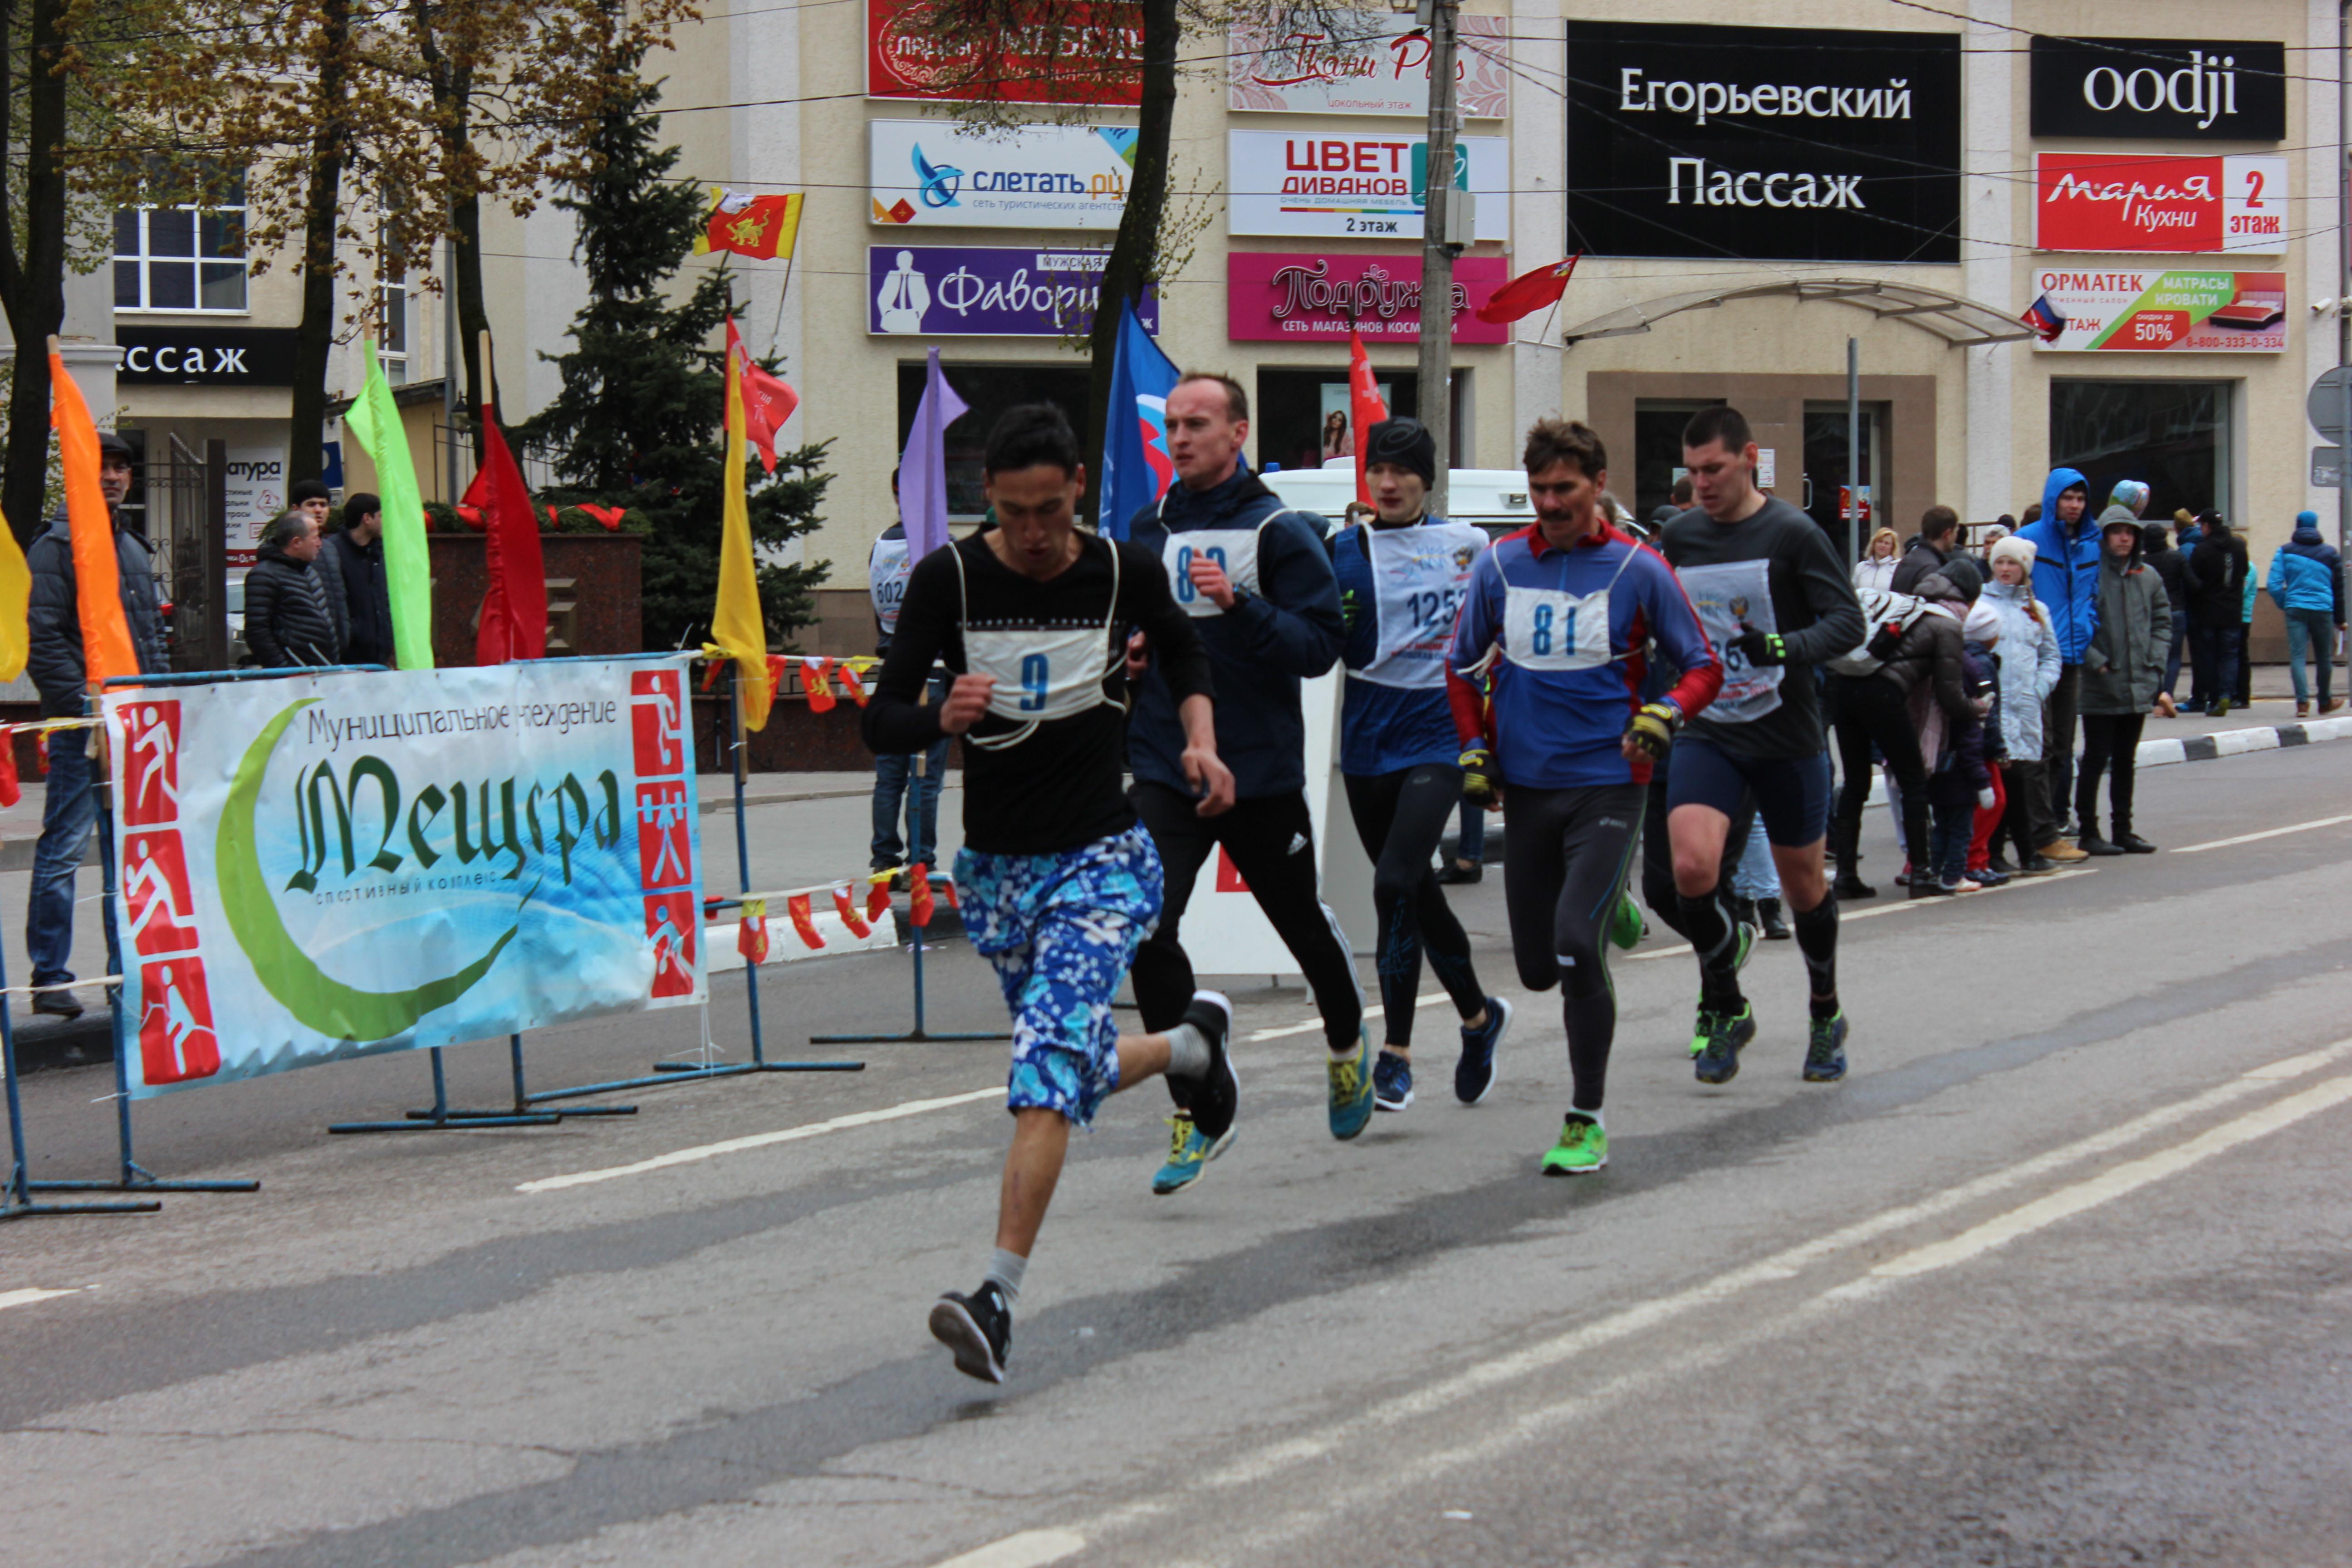 09.05.2017 Легкоатлетический пробег, посвященный Дню Победы.